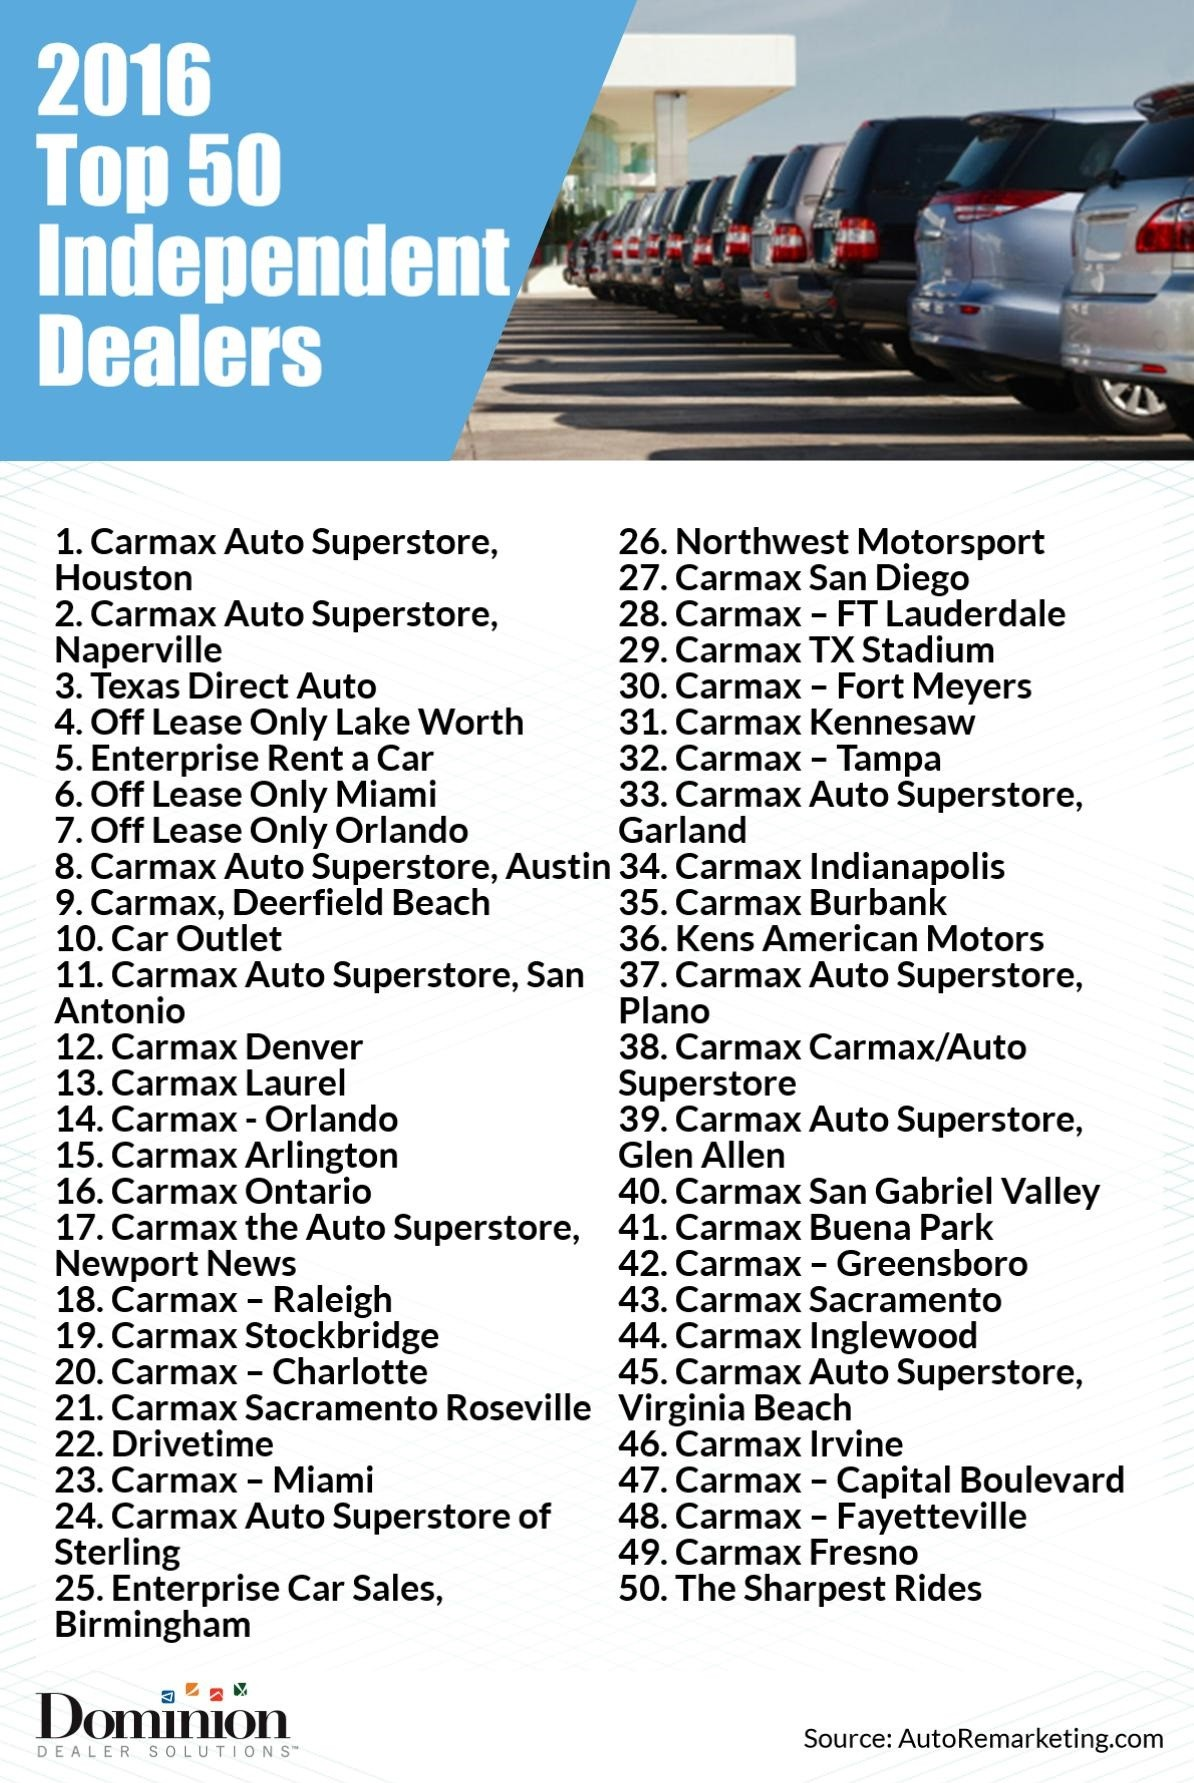 Top 100 Independent Dealers